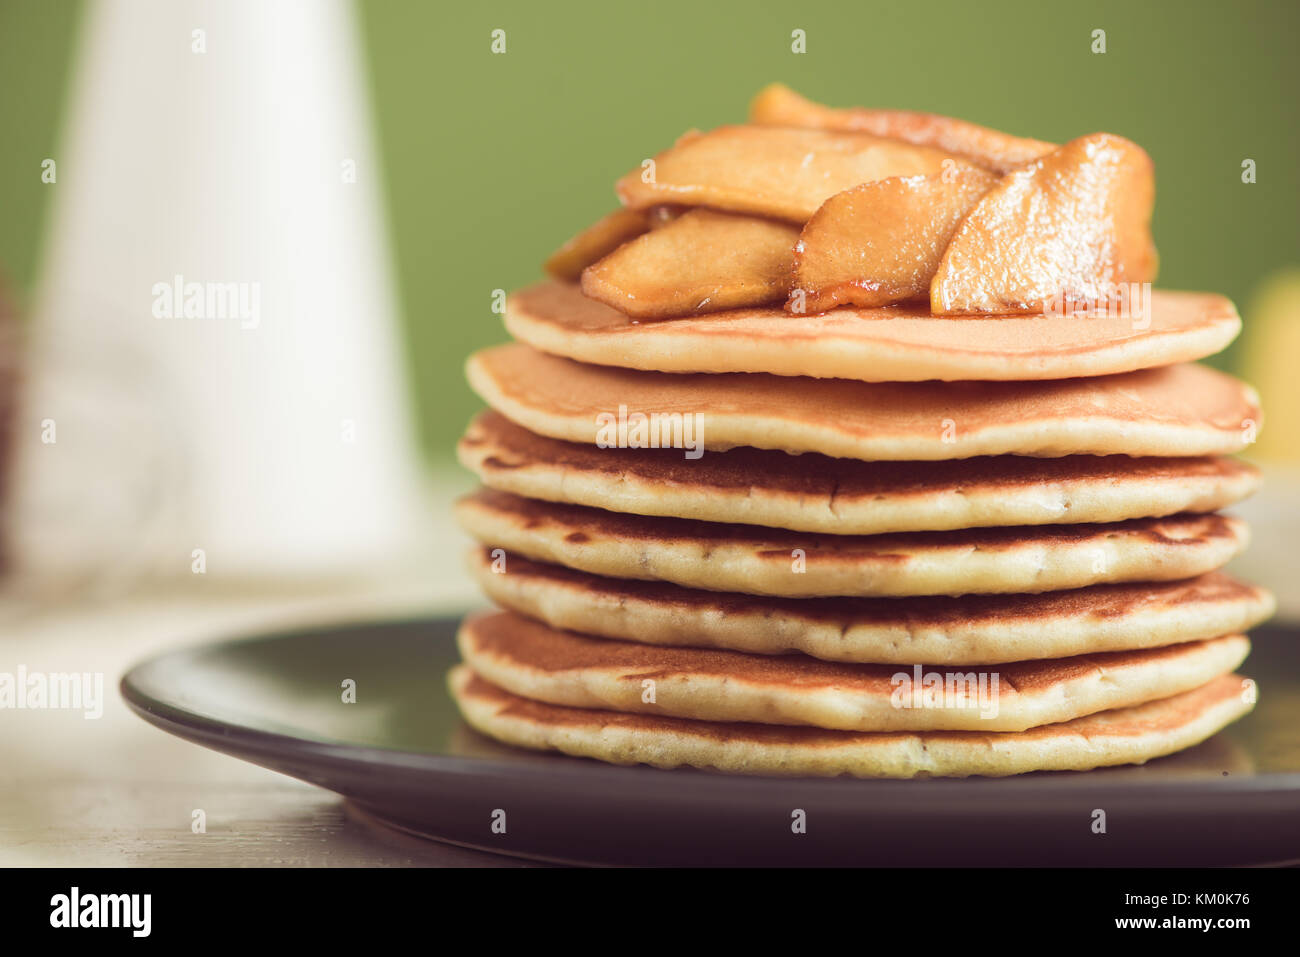 Pfannkuchen mit Apple auf Tisch. Frühstück, Snacks. Pfannkuchen Tag. Stockbild